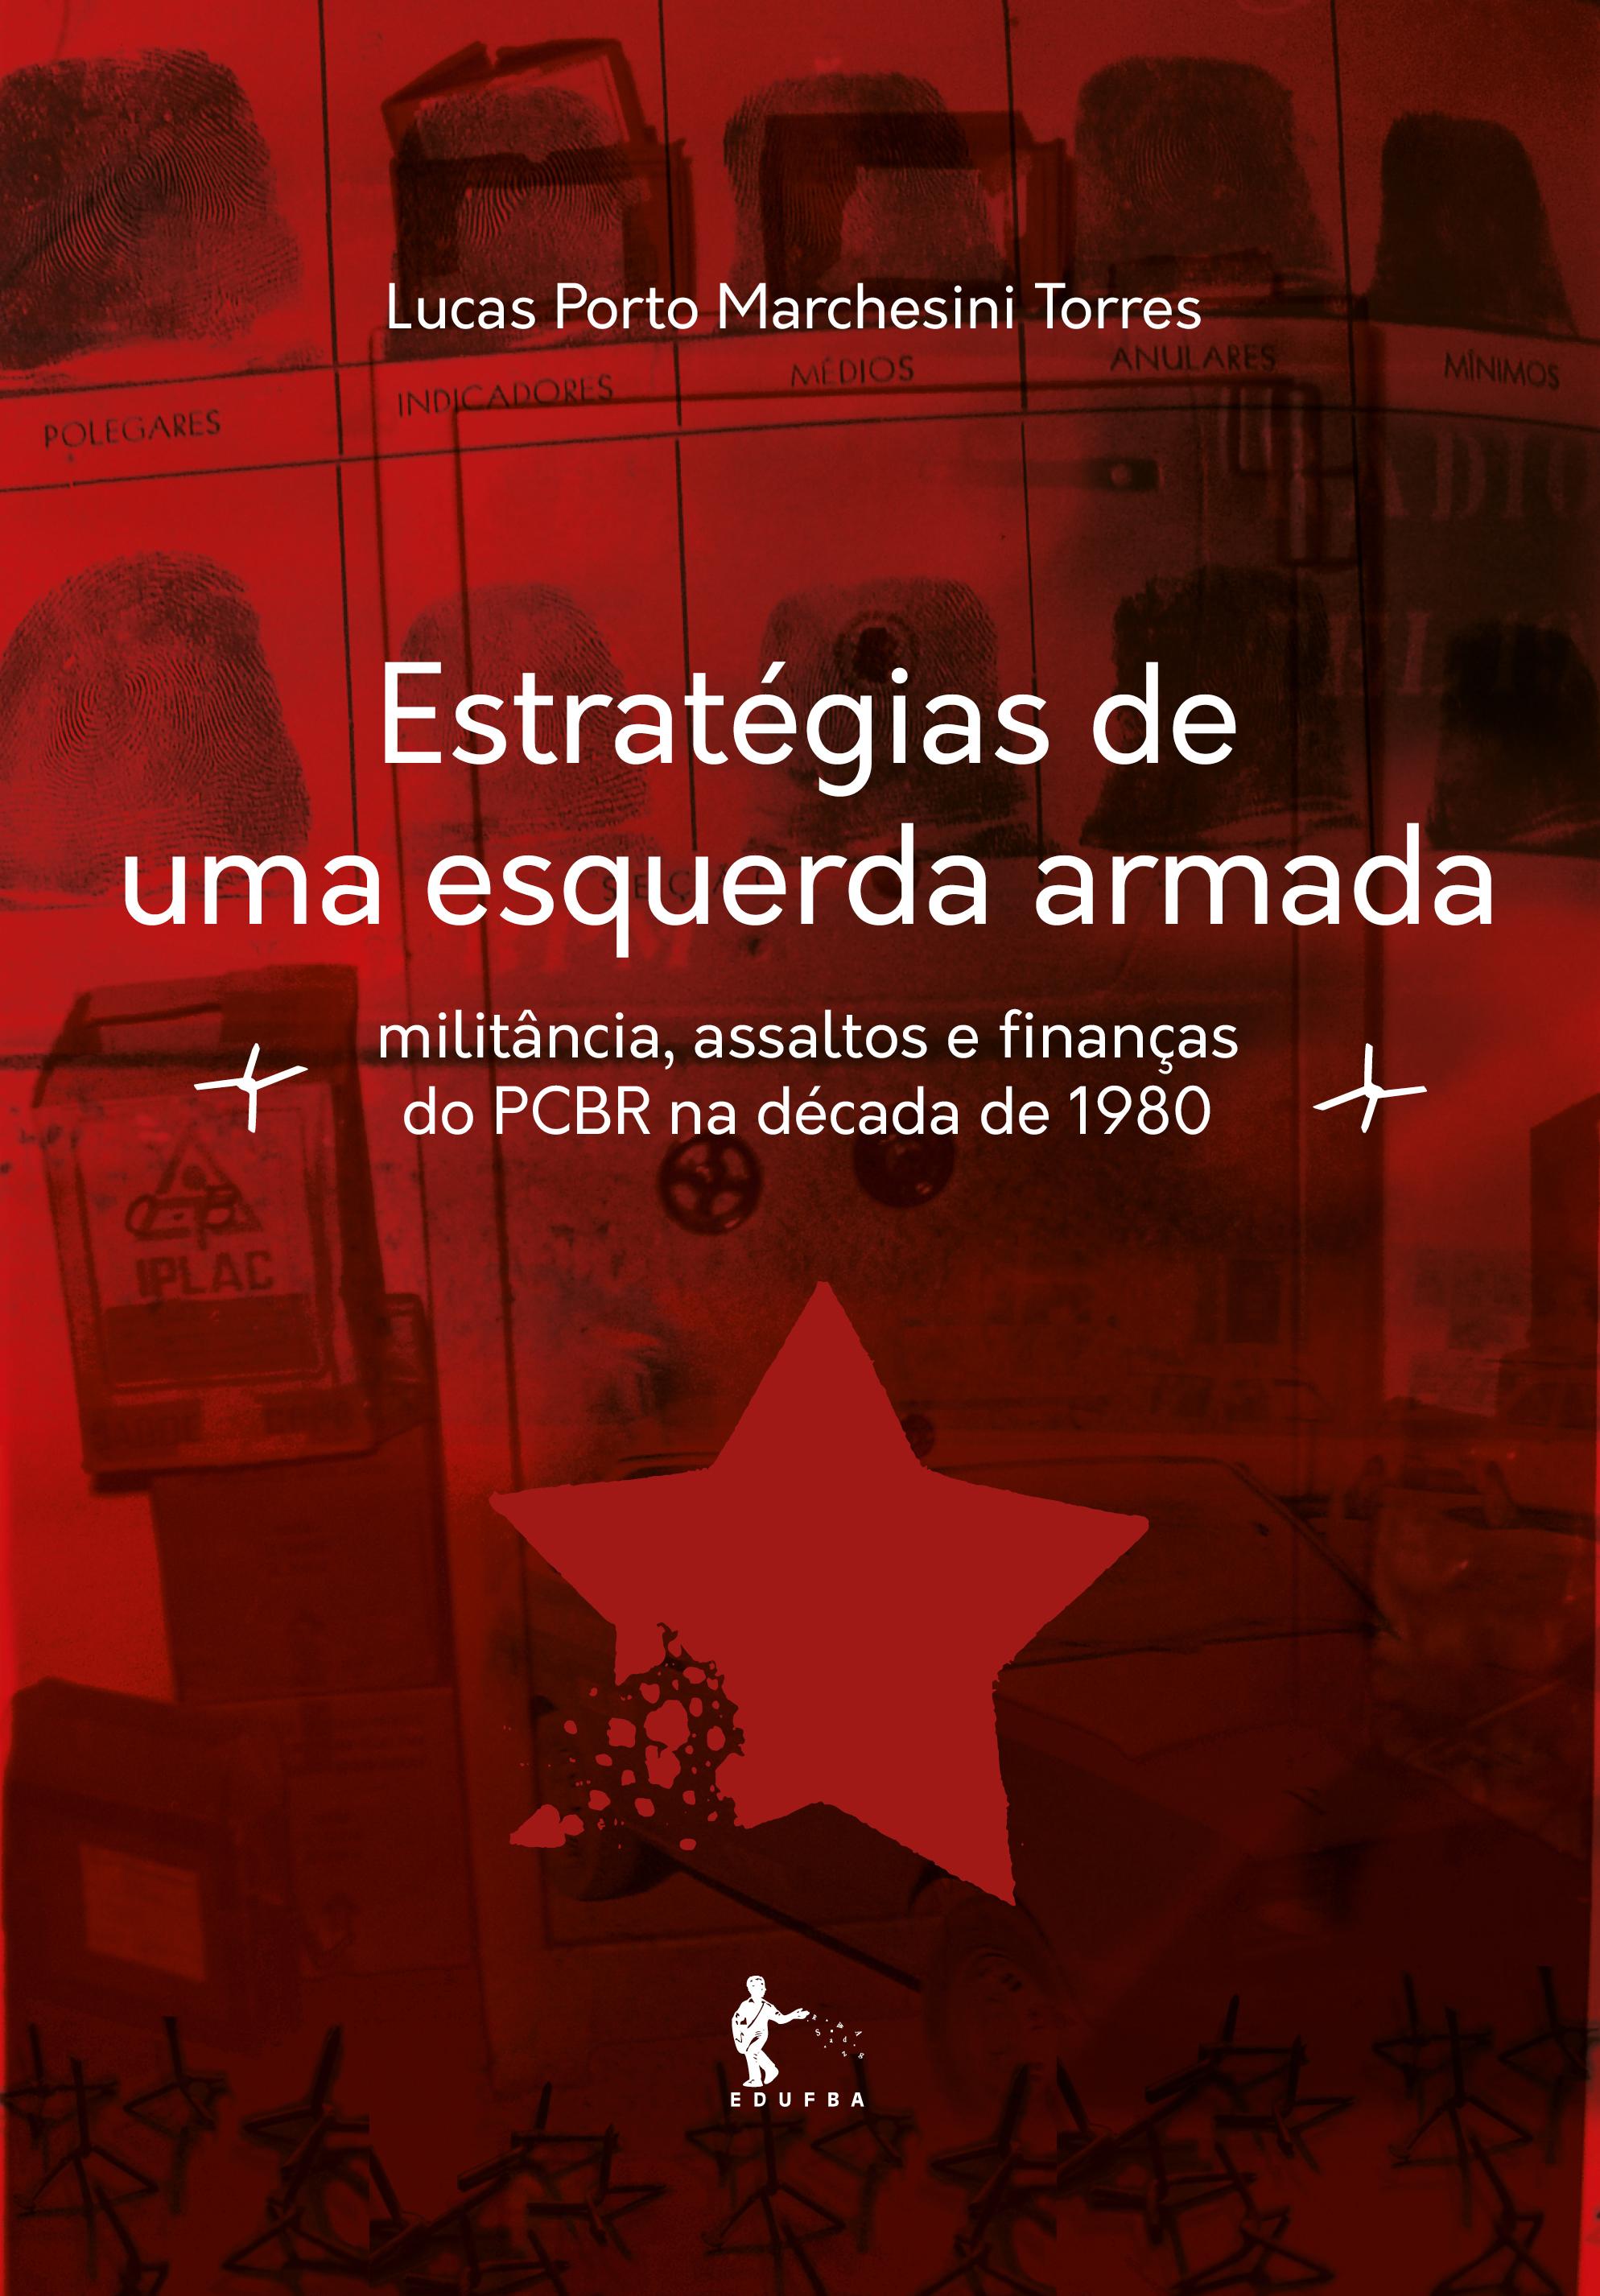 Estratégias de uma esquerda armada: militâncias, assaltos e finanças do PCBR na década de 1980, livro de Lucas Porto Marchesini Torres